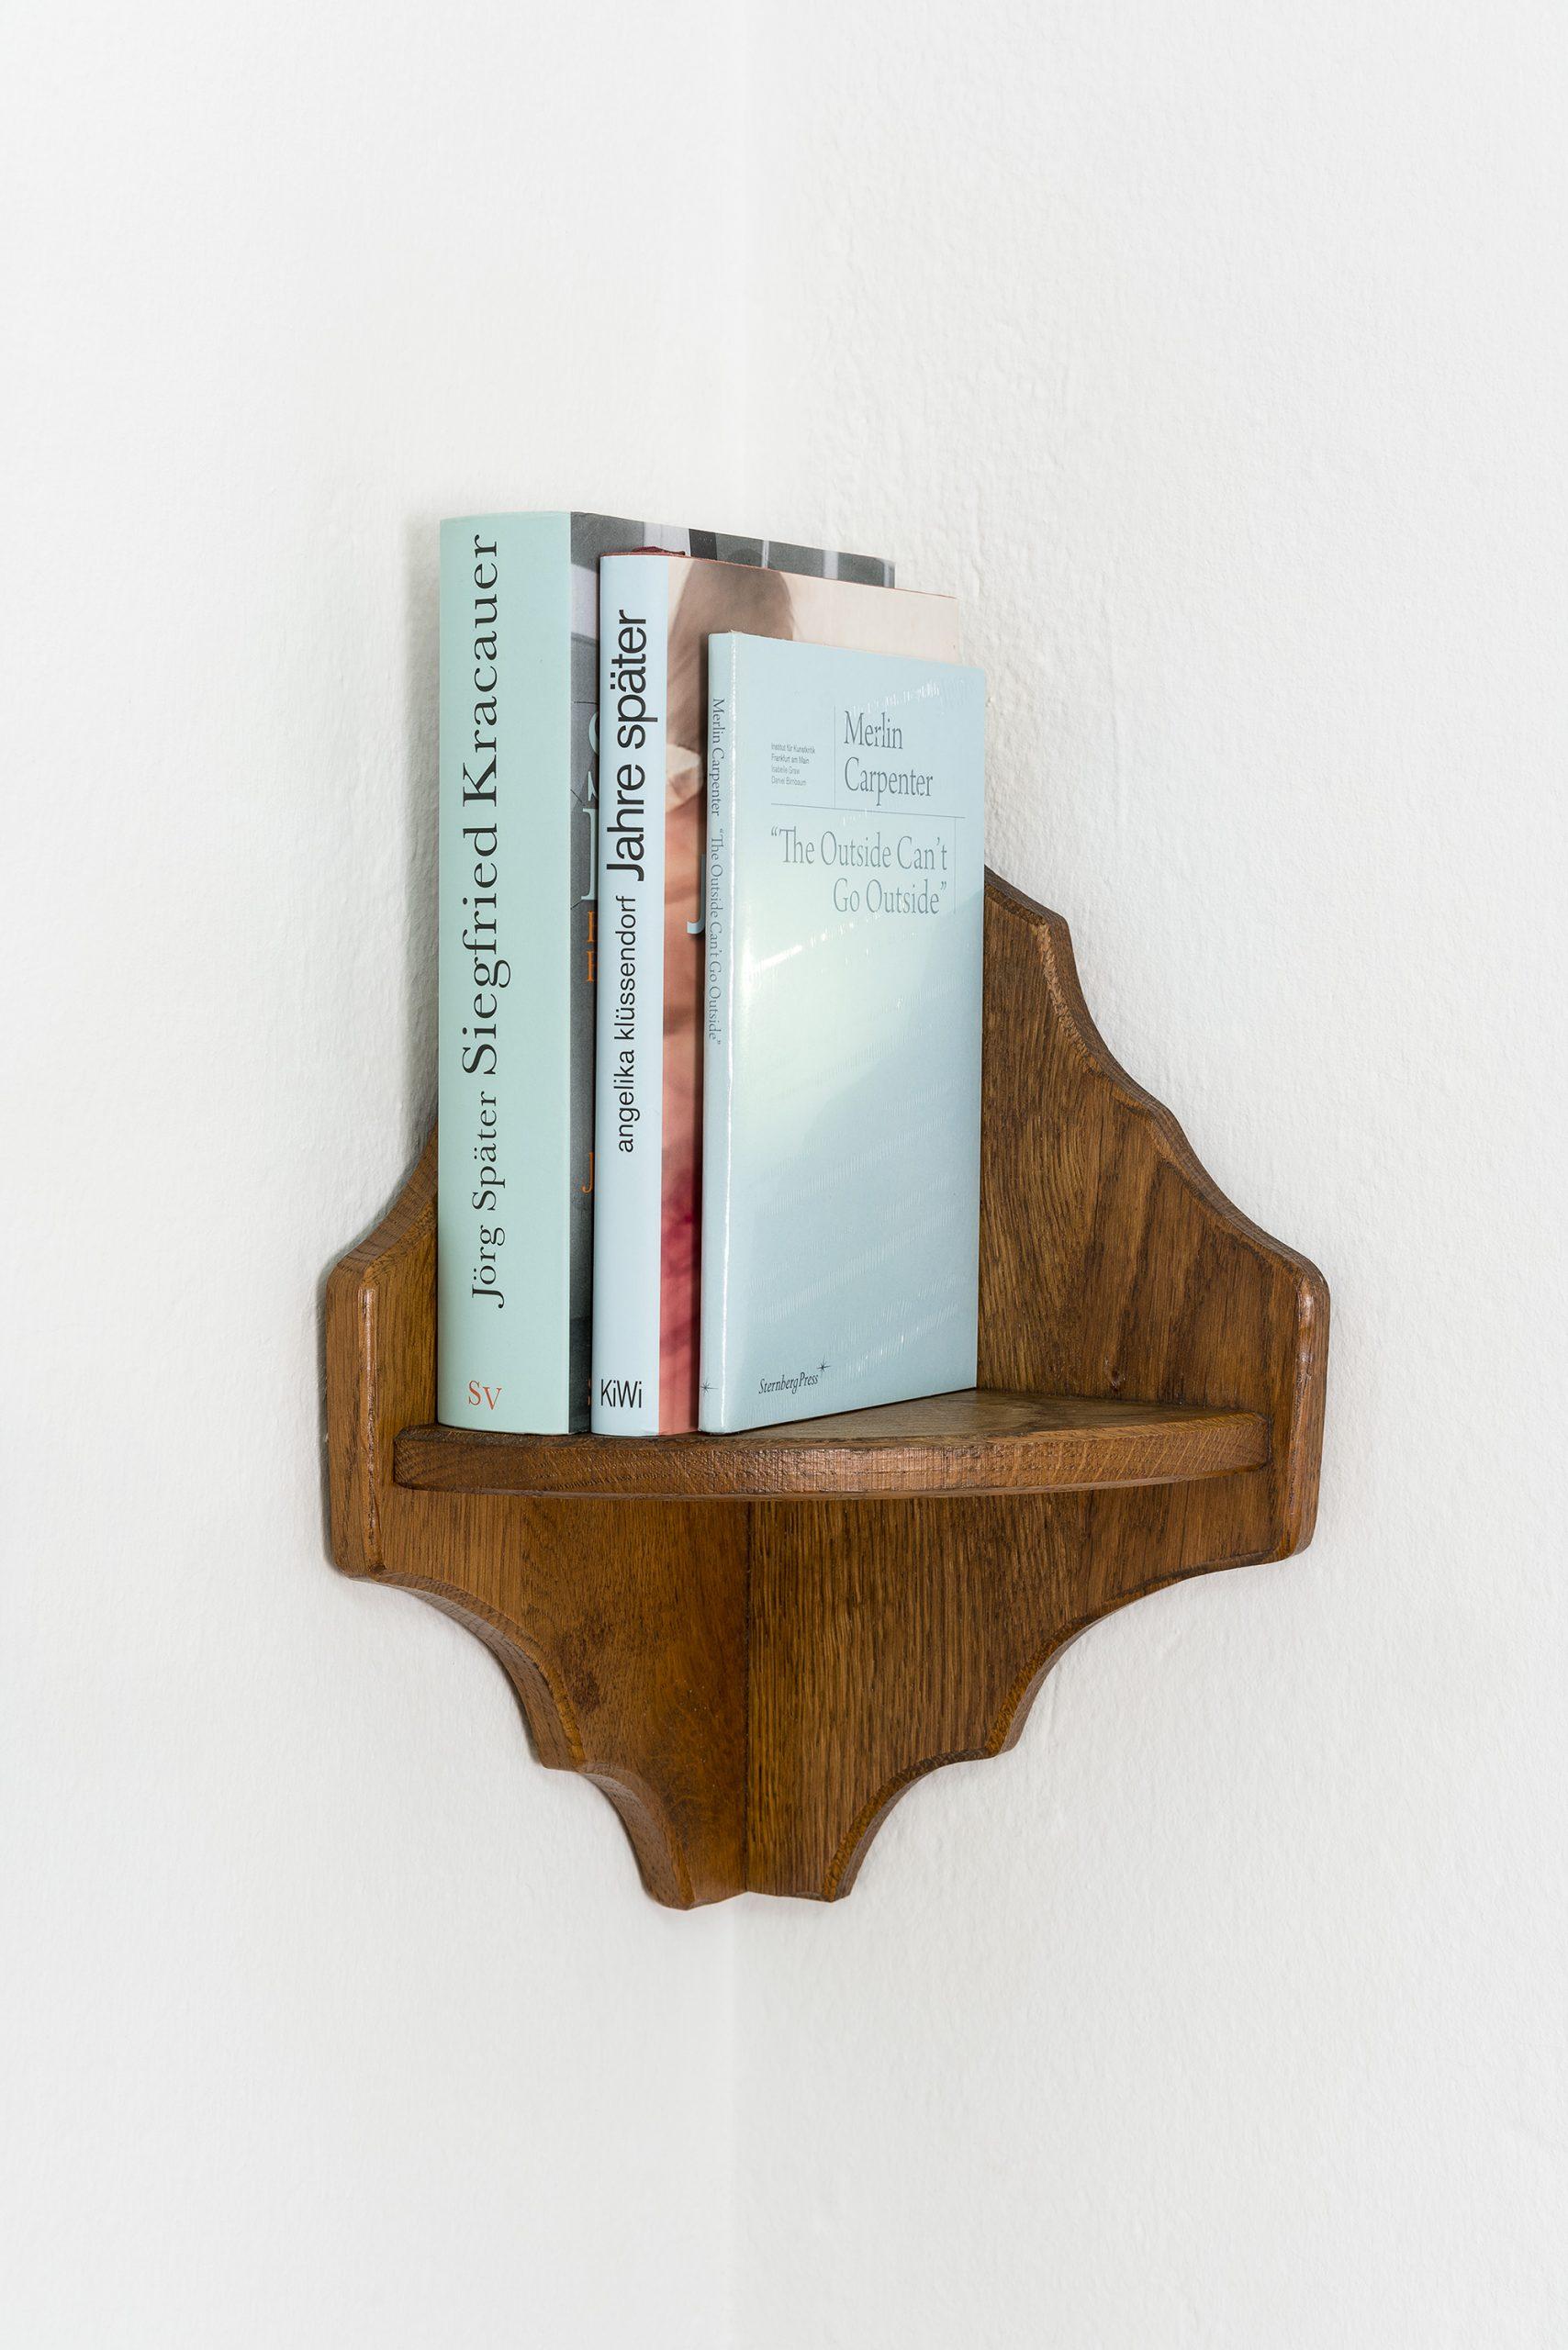 EMPFEHLUNGEN VON ISABELLE GRAW 2020 40 x 30 x 15 cm Corner shelf with three books